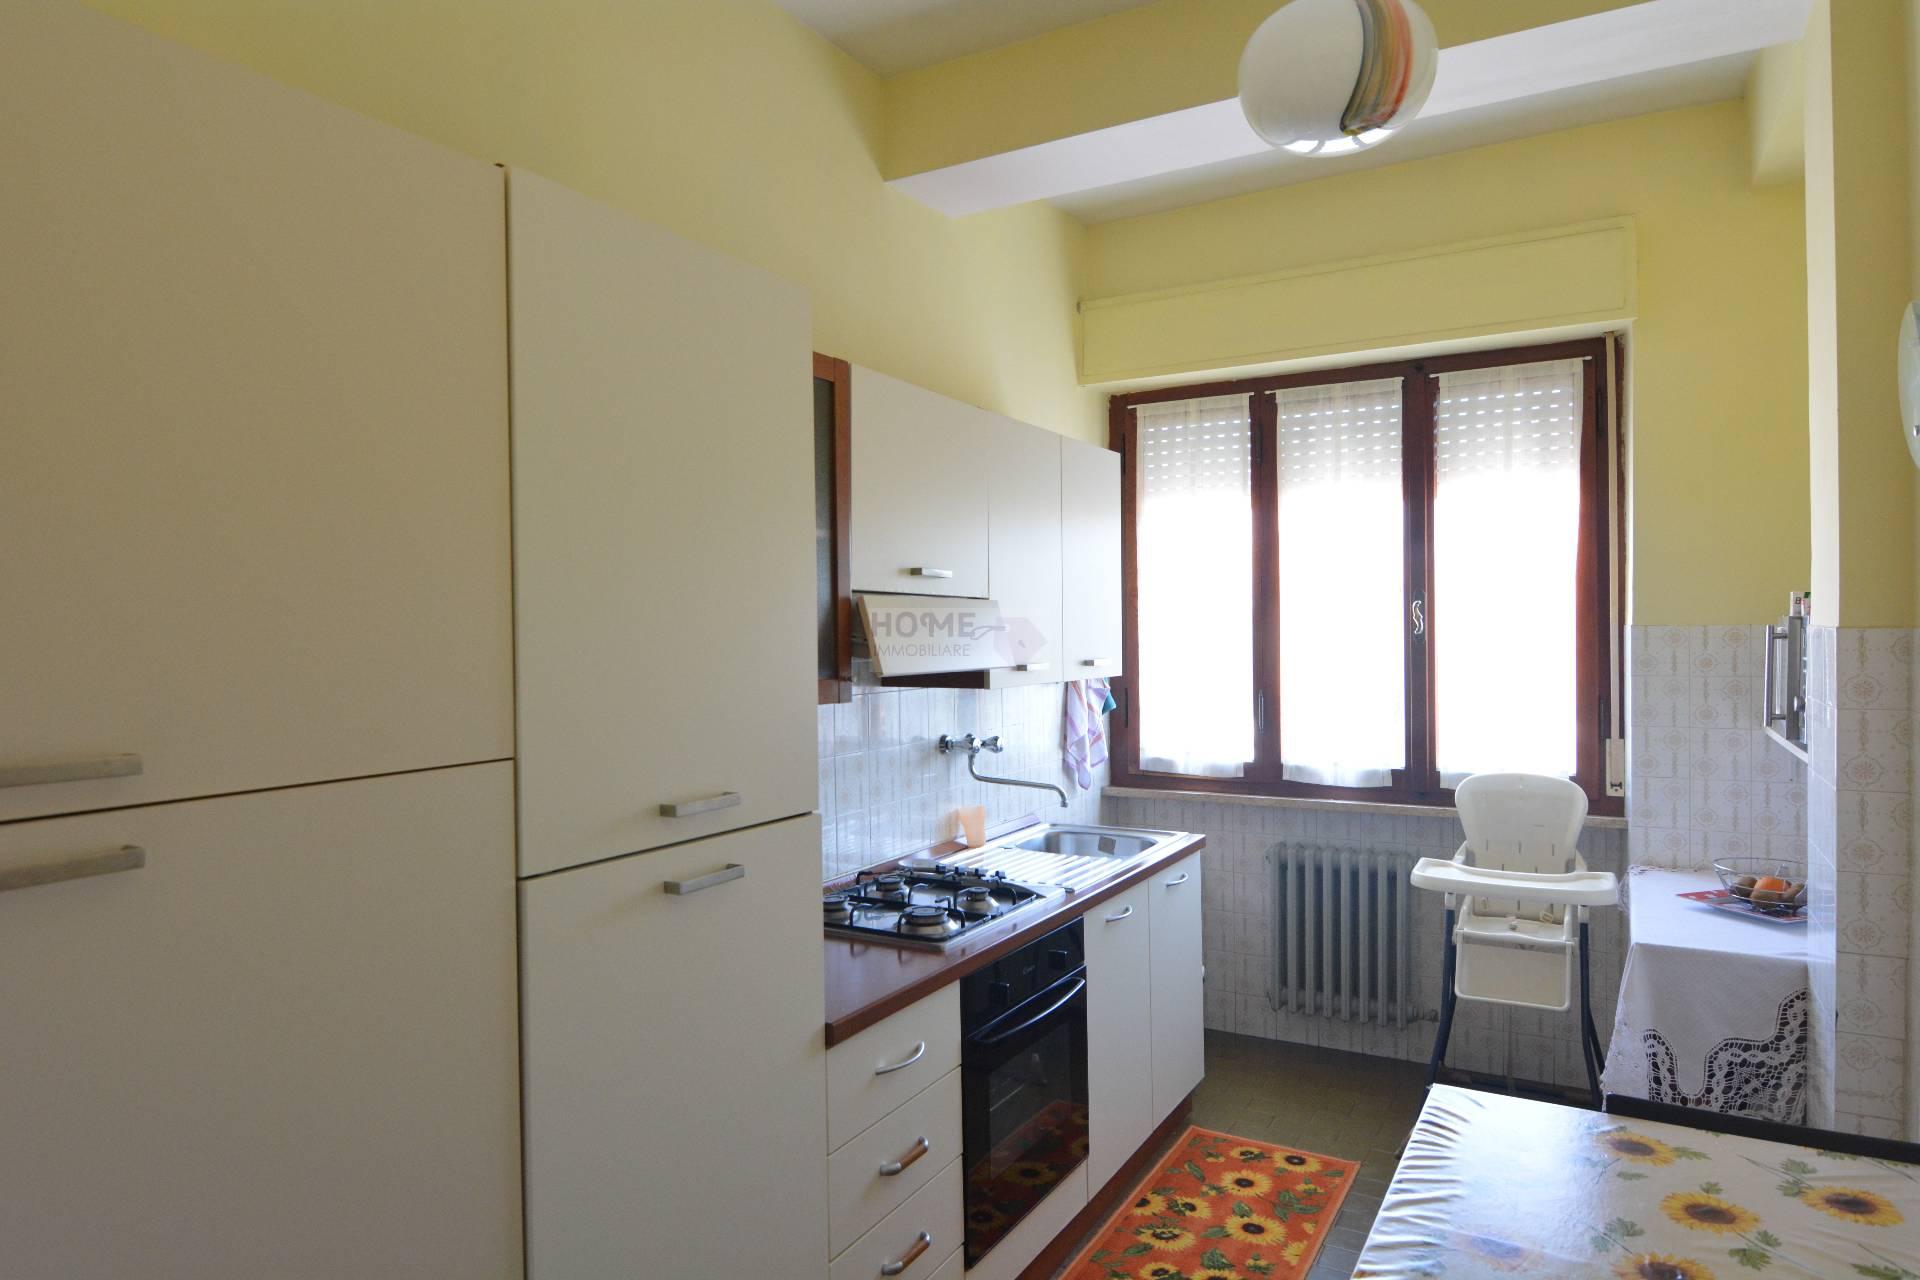 Appartamento in vendita a Macerata, 5 locali, zona Zona: Semicentrale, prezzo € 110.000 | CambioCasa.it